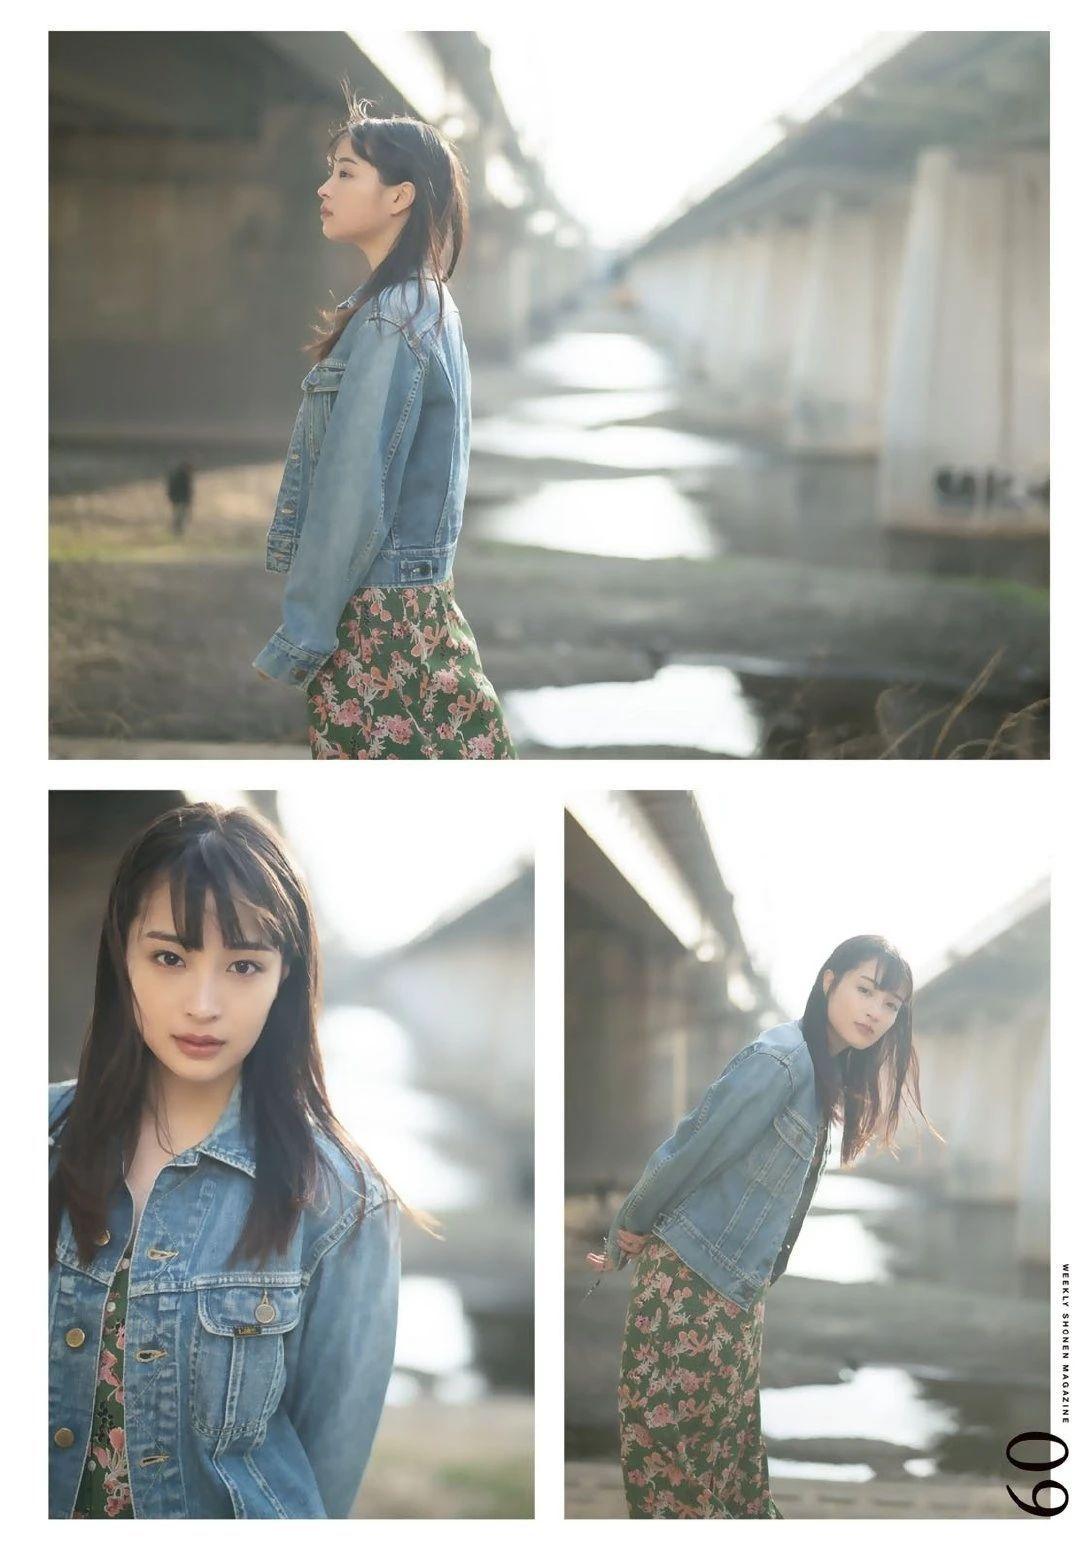 20神颜美少女却黑历史比较多的广濑丝丝写真作品 (43)